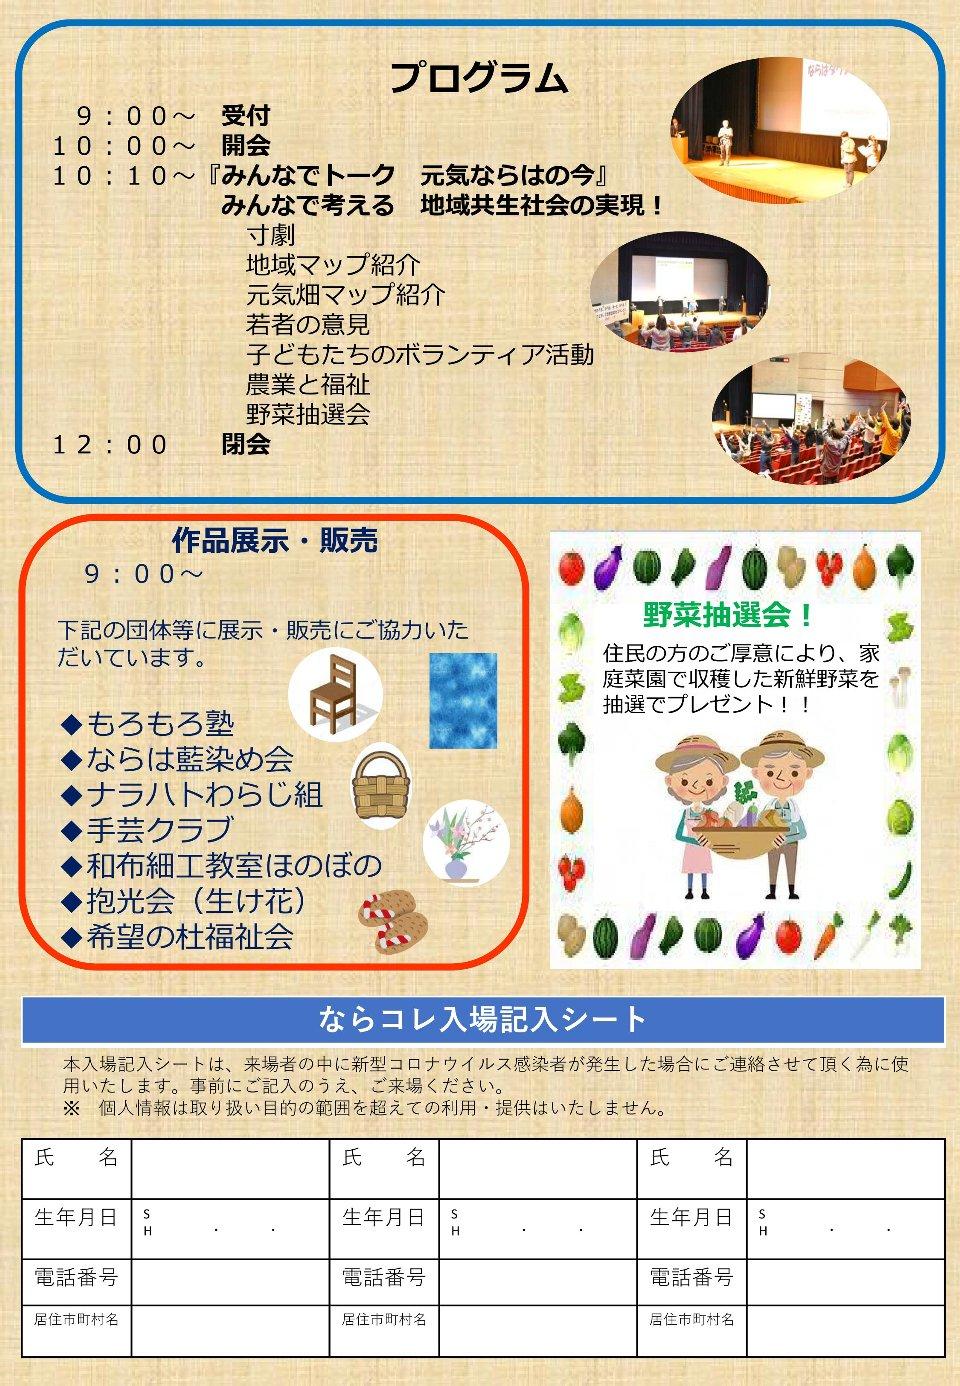 ならコレ2021 - 楢葉町(2021.11)2